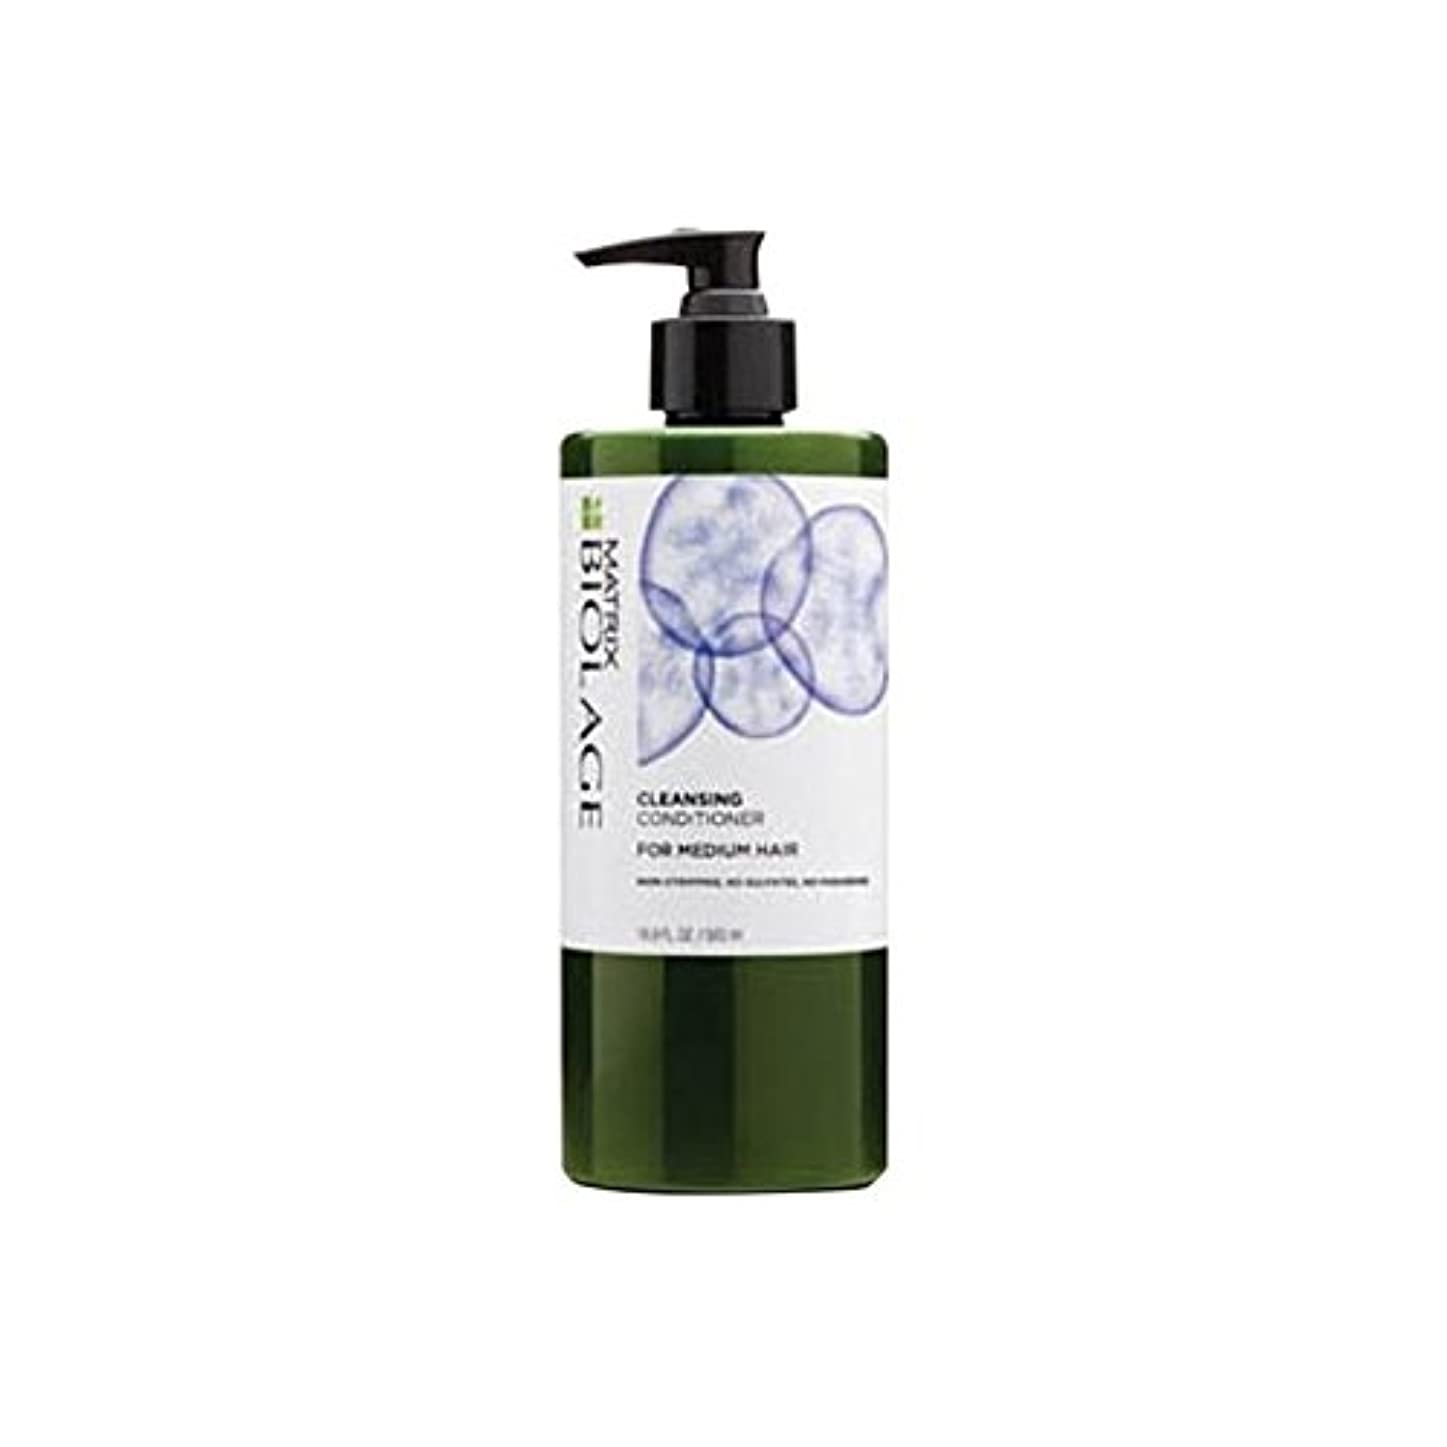 地上で即席技術的なマトリックスバイオレイジクレンジングコンディショナー - メディア髪(500ミリリットル) x4 - Matrix Biolage Cleansing Conditioner - Medium Hair (500ml)...